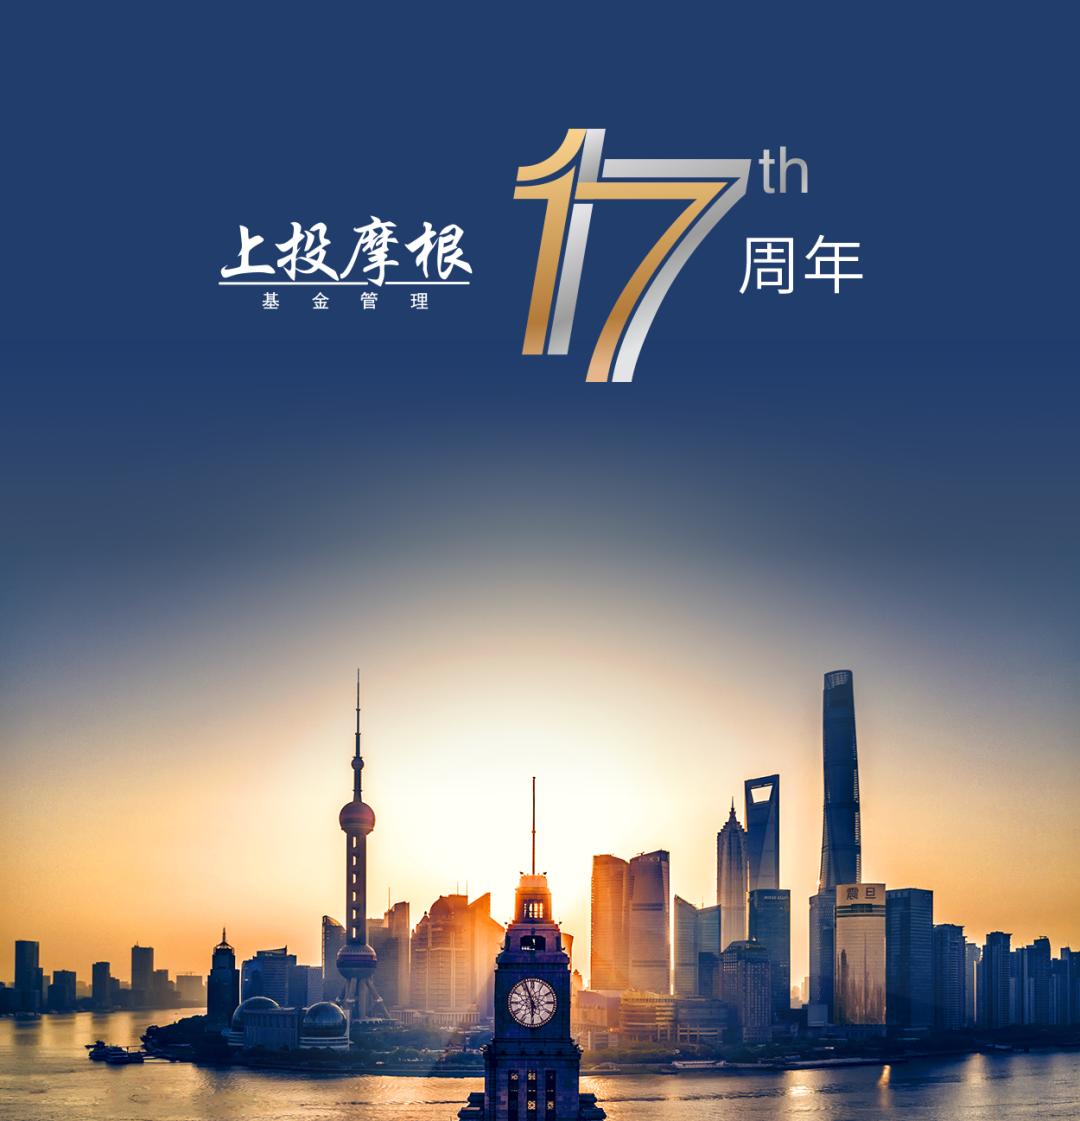 上投摩根基金17周年:心一起,赢未来!